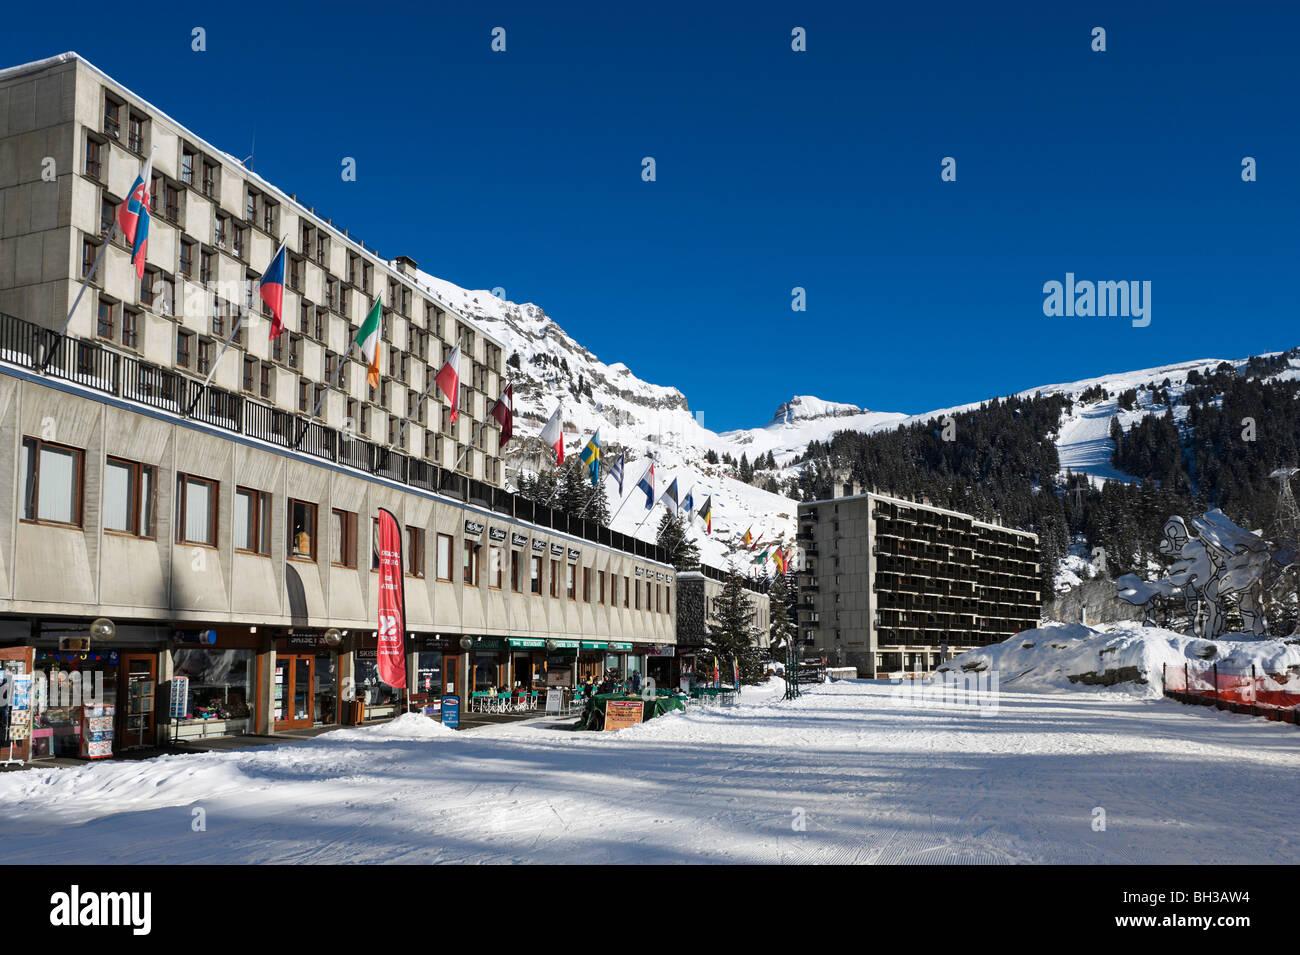 Des appartements, des magasins et restaurants à Flaine Forum, Flaine, Grand Massif, Haute Savoie, Région Photo Stock